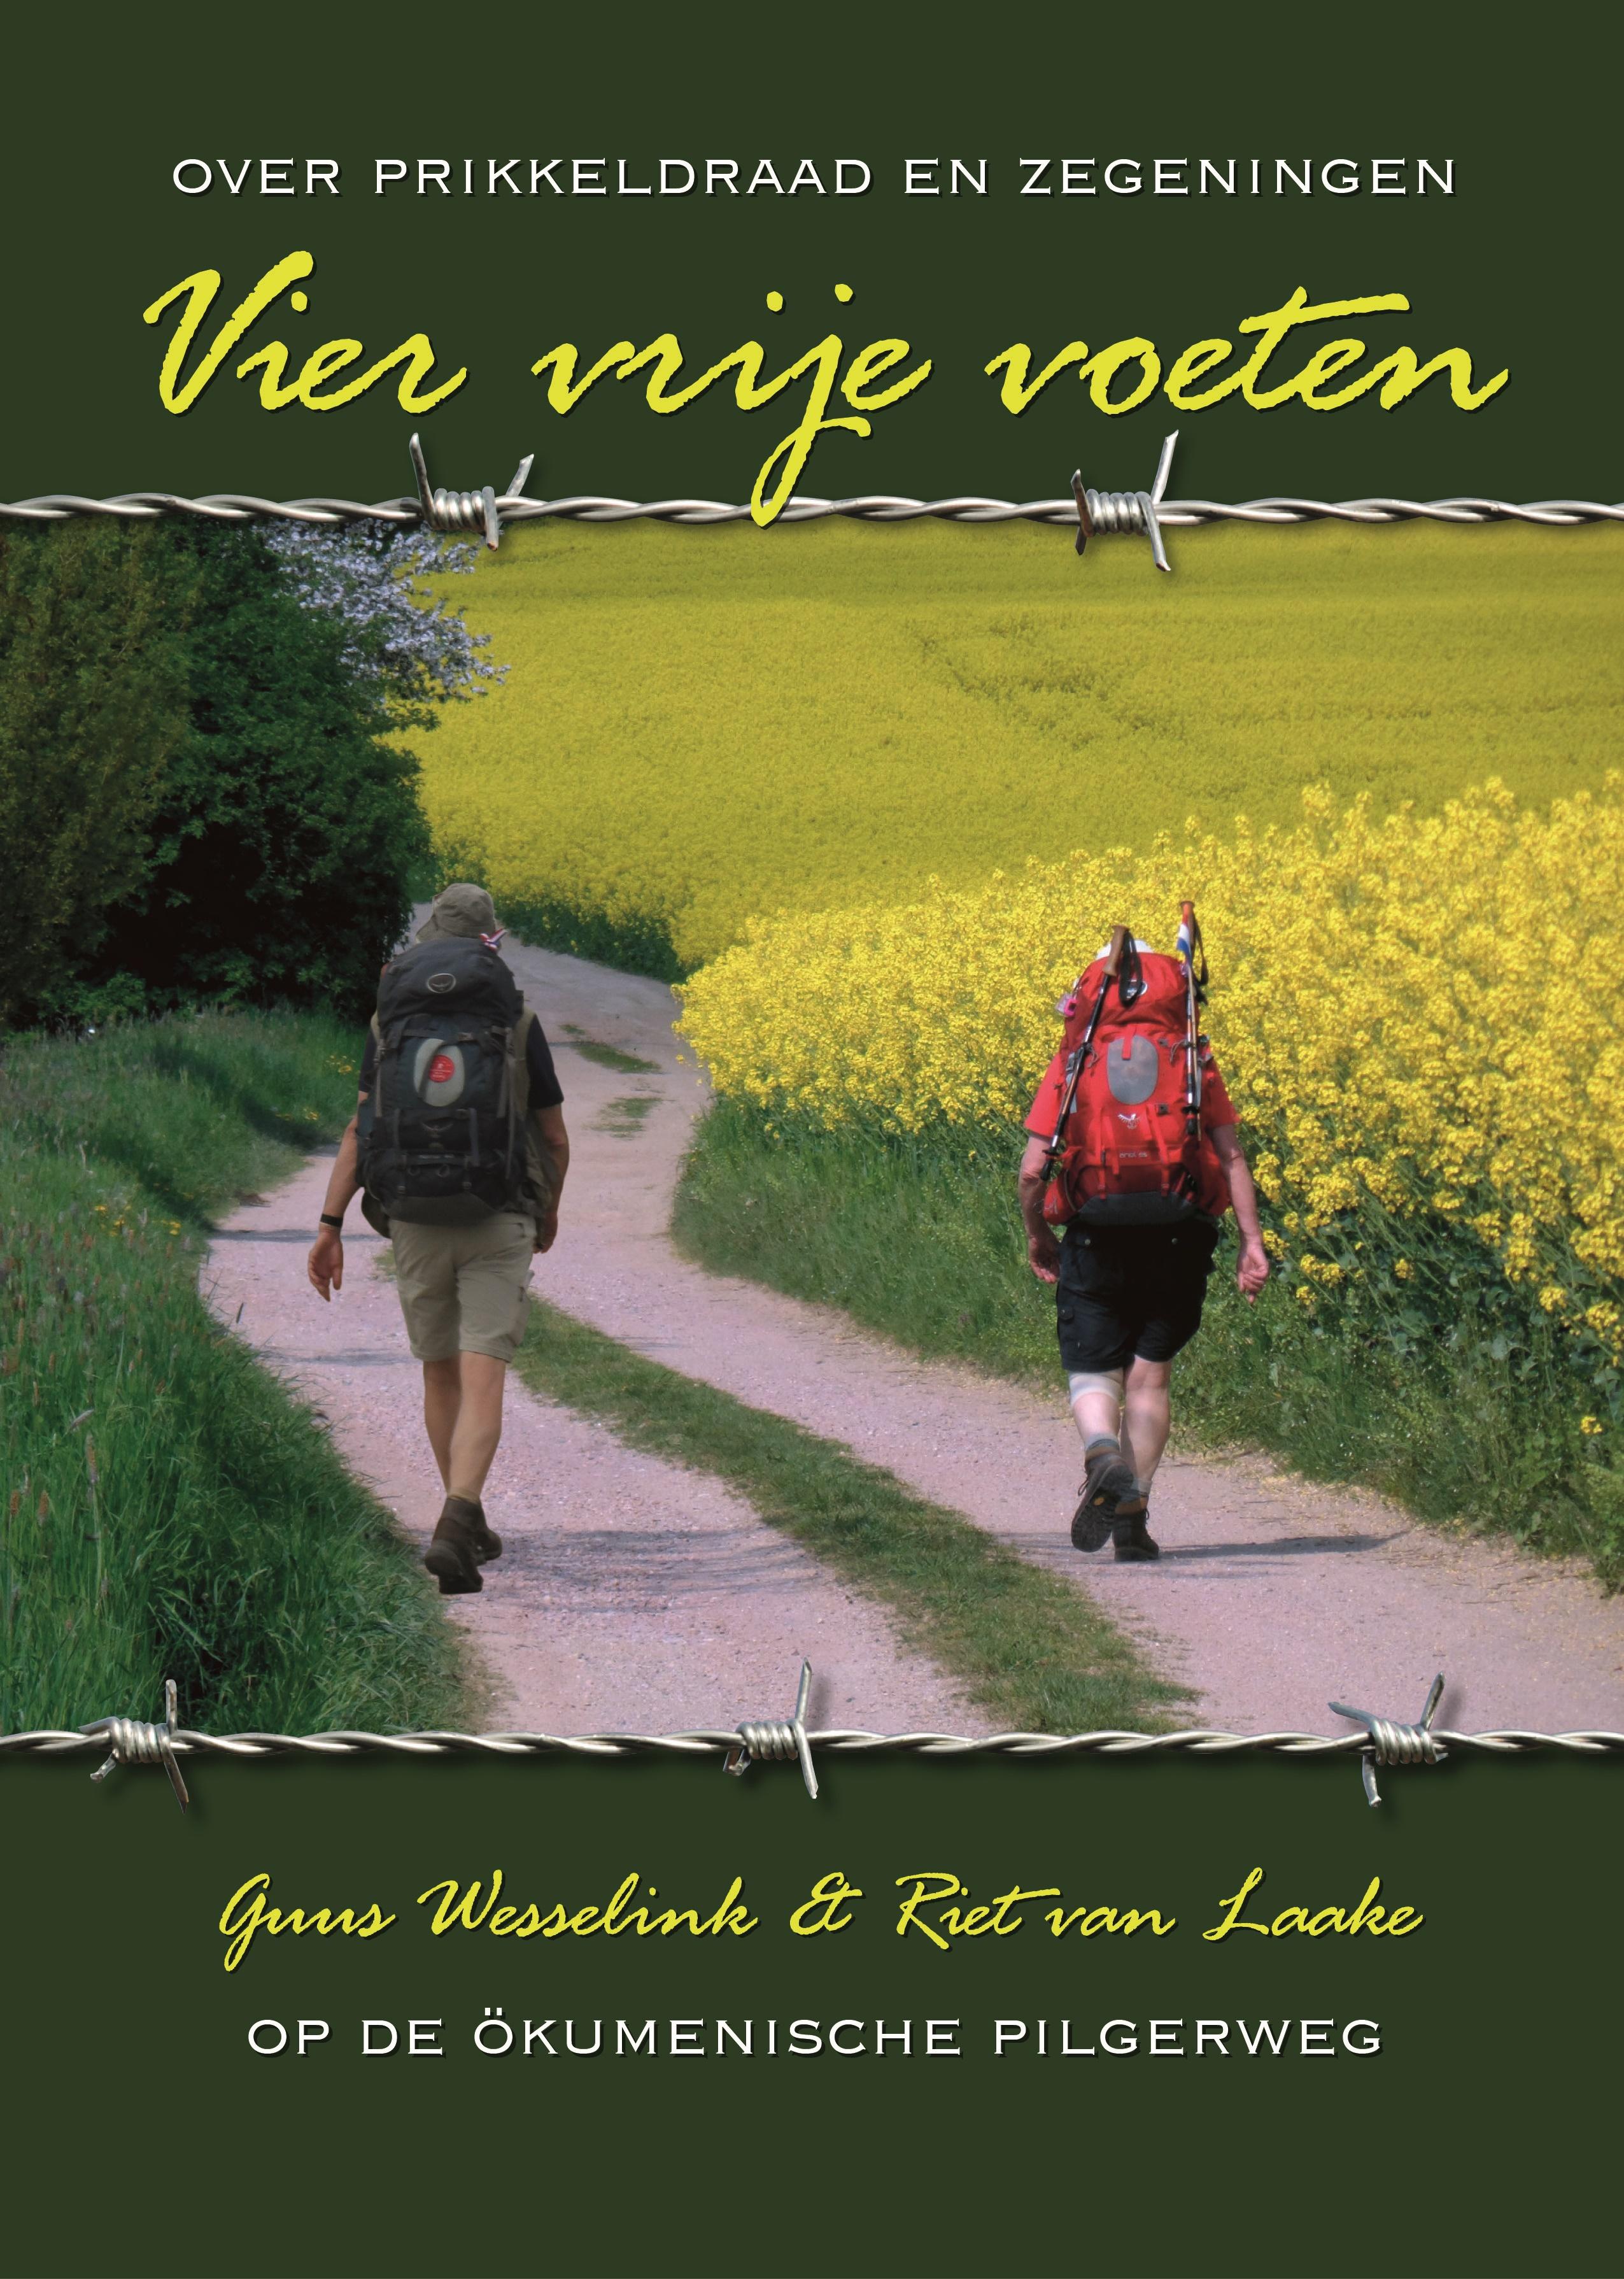 Vier Vrije Voeten, over prikkeldraad en zegeningen 9789082489507 Guus Wesselink en Riet van Laake Boekscout   Meerdaagse wandelroutes, Wandelreisverhalen Duitsland